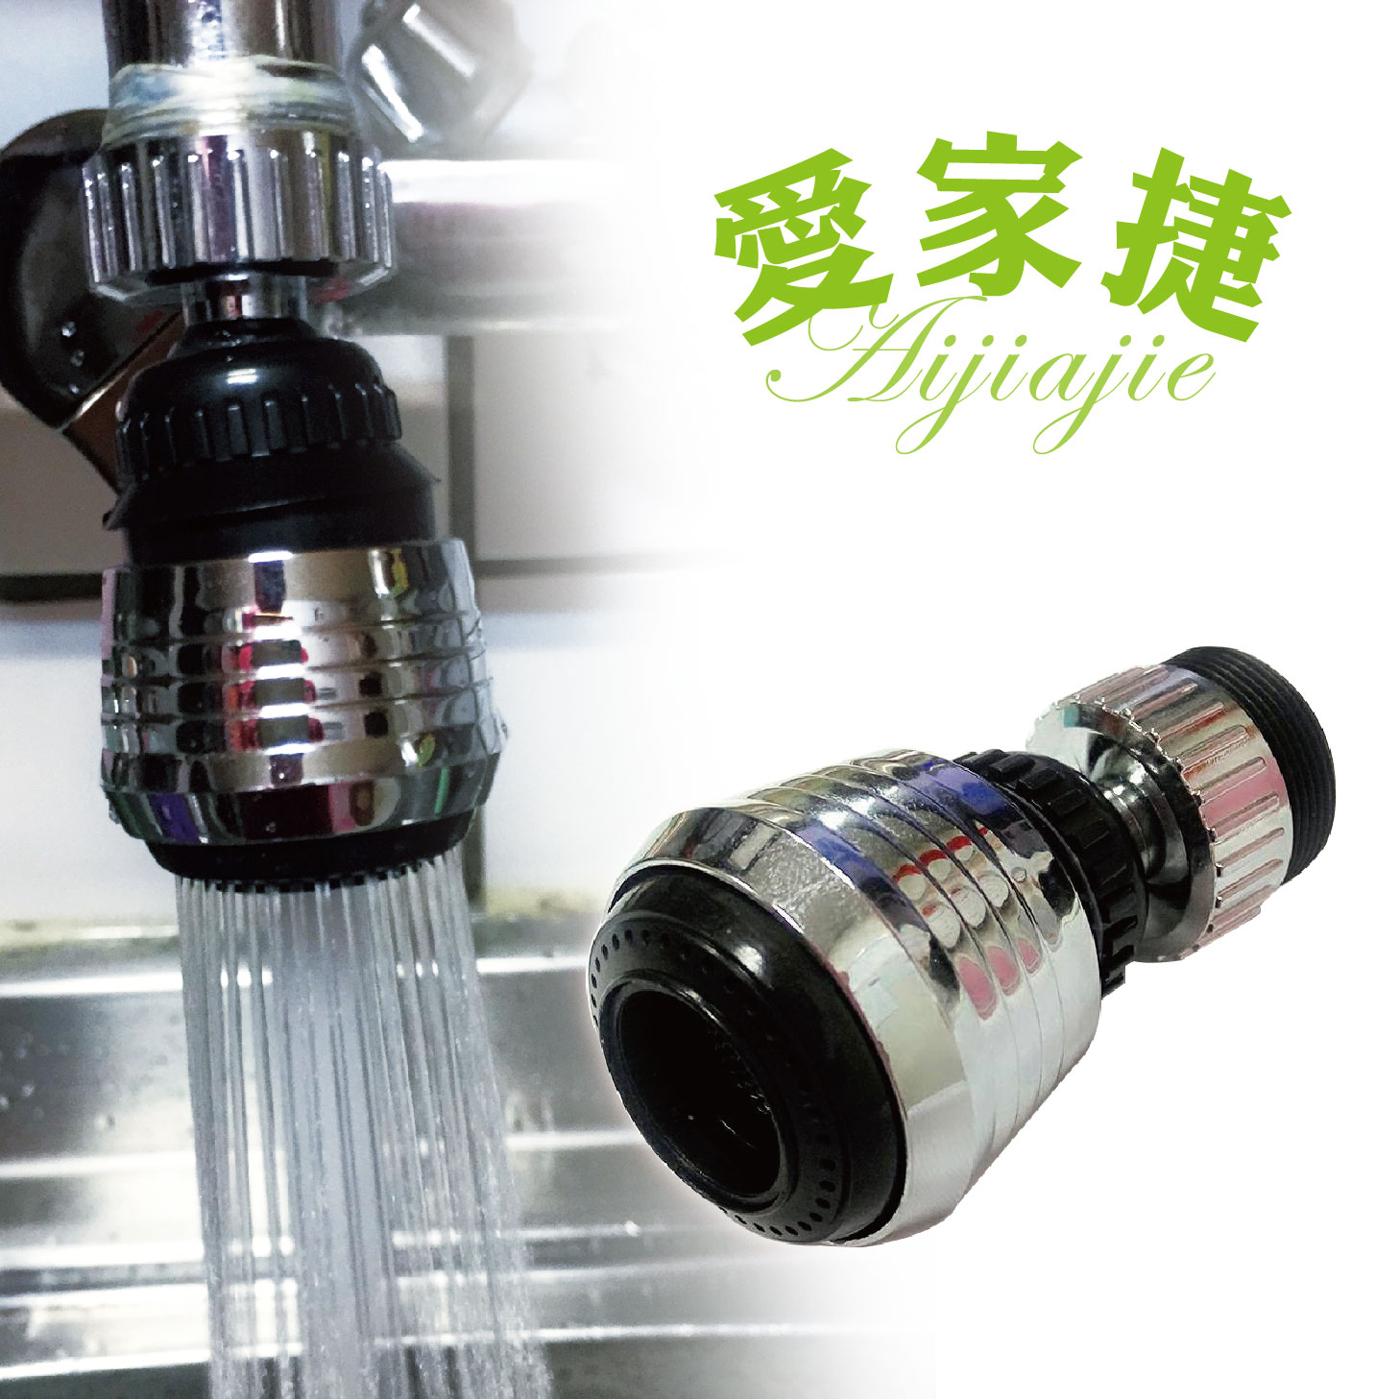 愛家捷 水龍頭節水轉接頭/水花轉換節水器(1入) 旋轉小鋼炮水龍頭 防濺水 可調方向 兩段水花調整